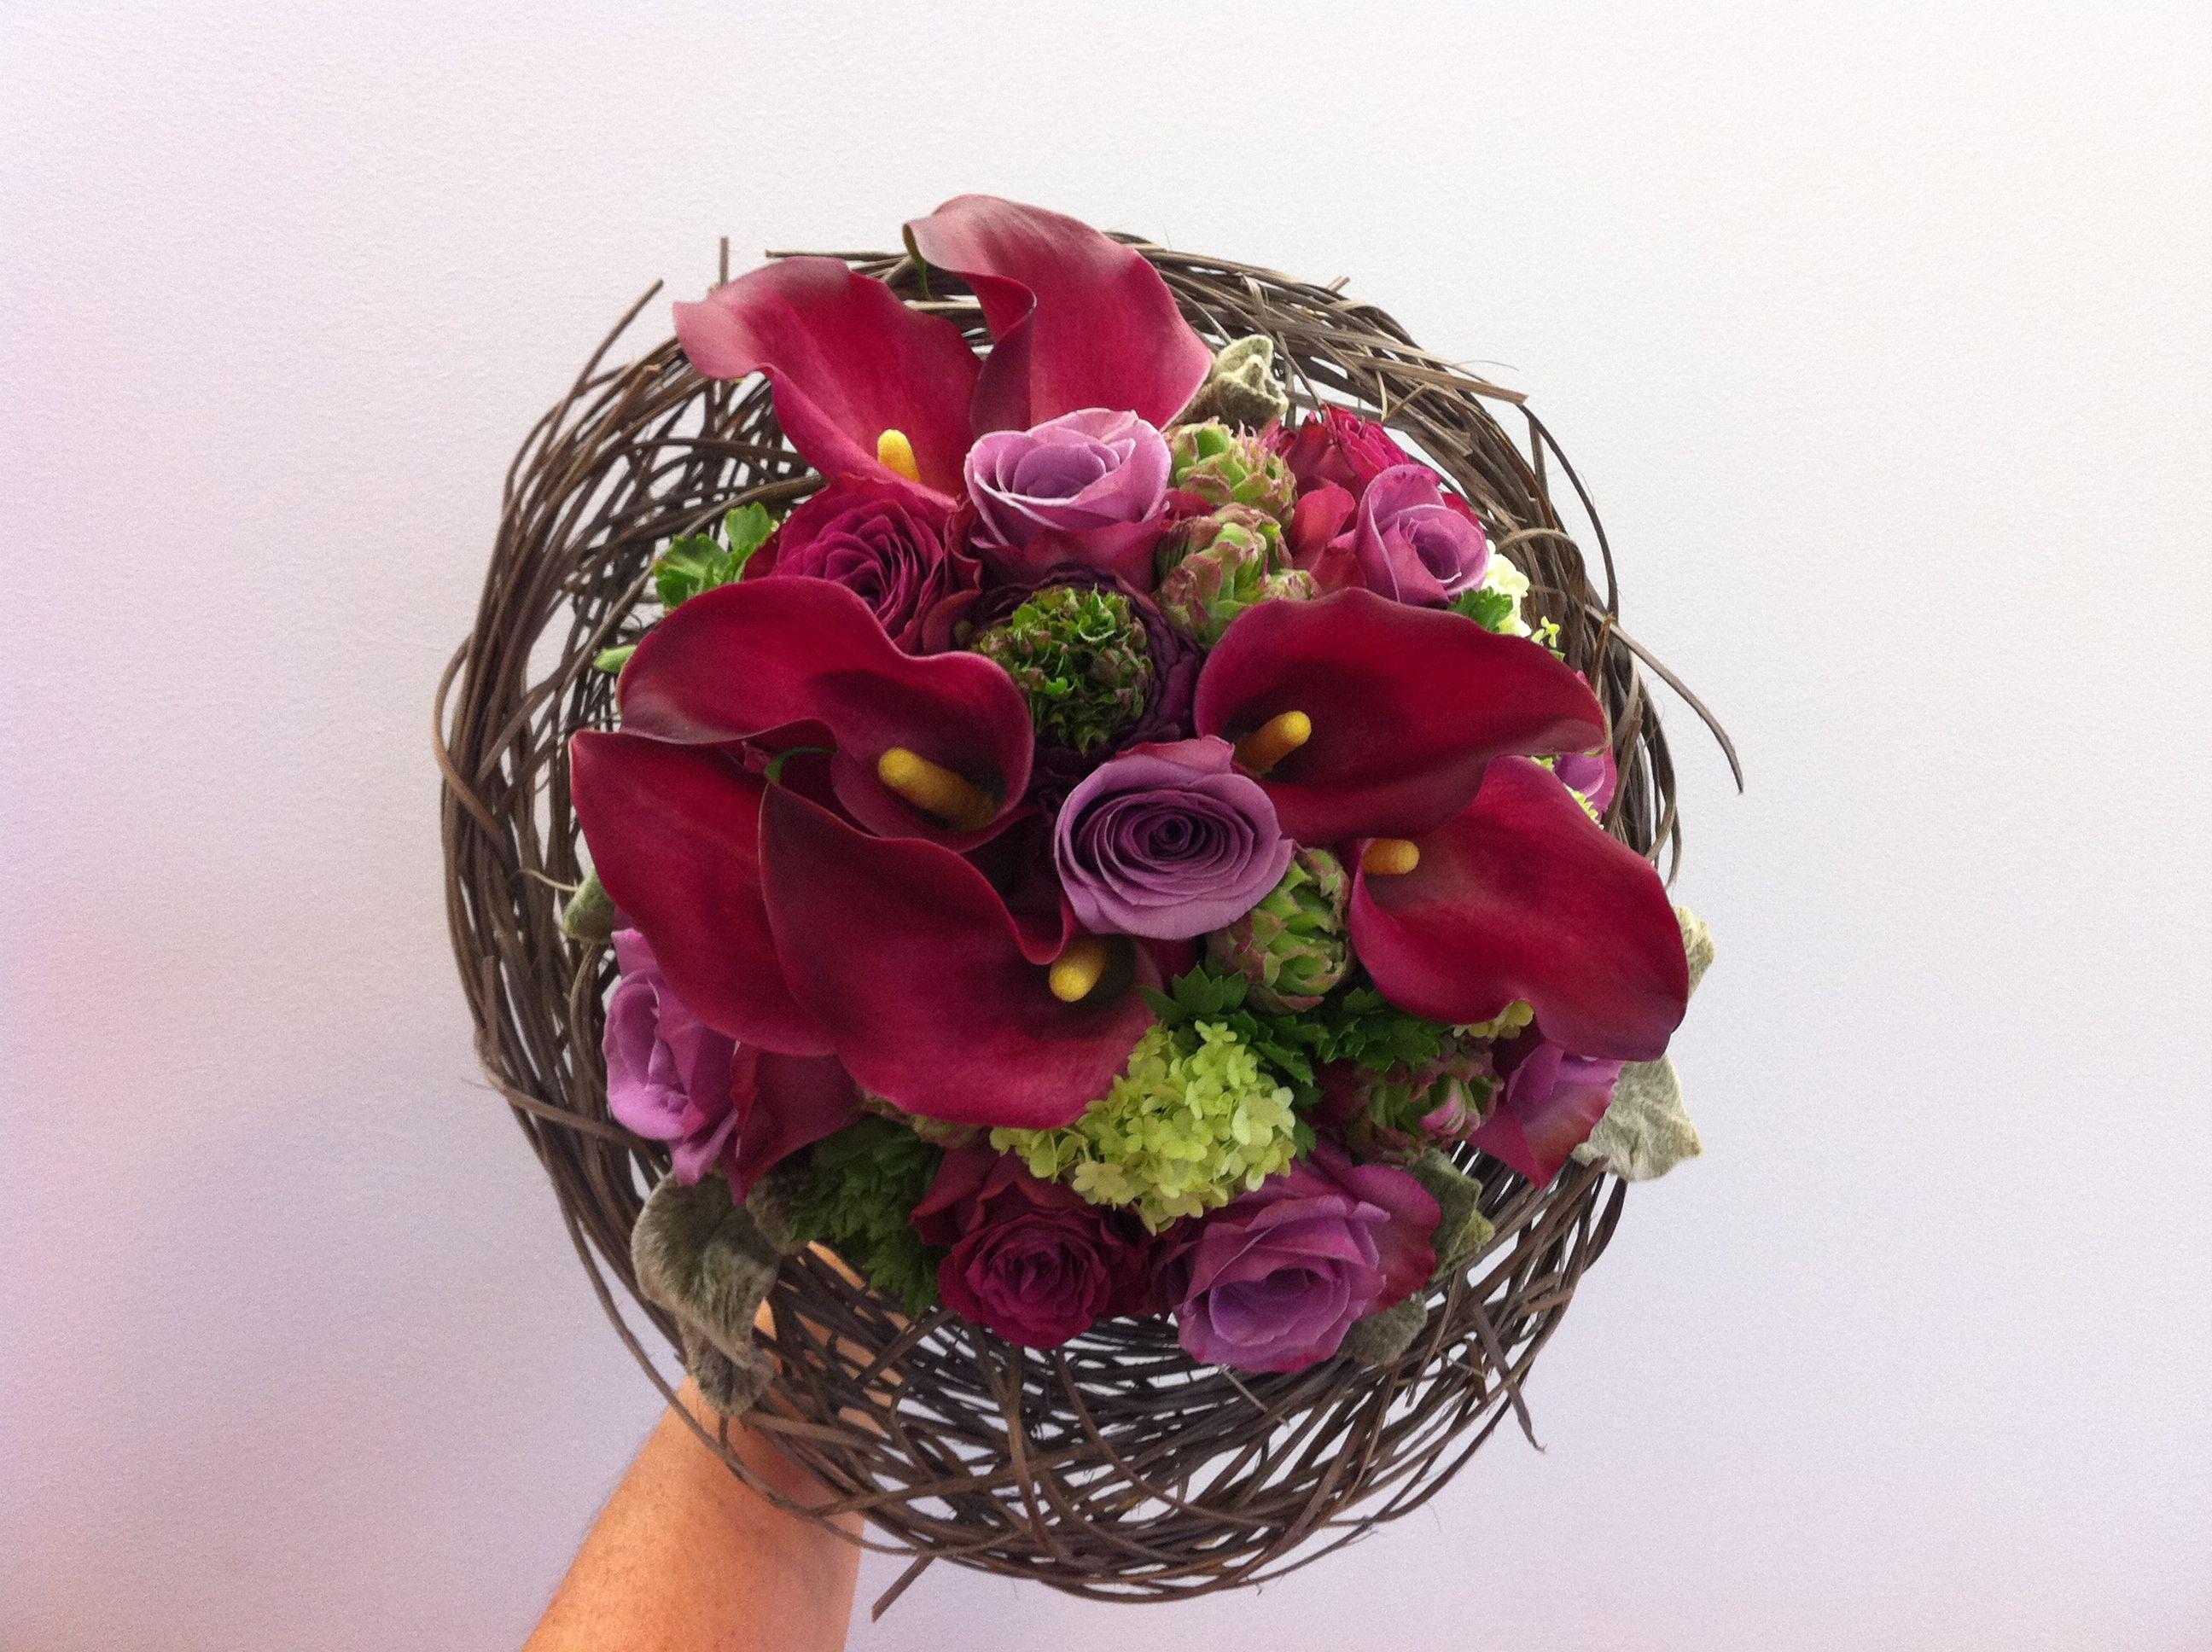 bruidsboeket - rozen, aronskelk, sneeuwbal falenopsis boechout